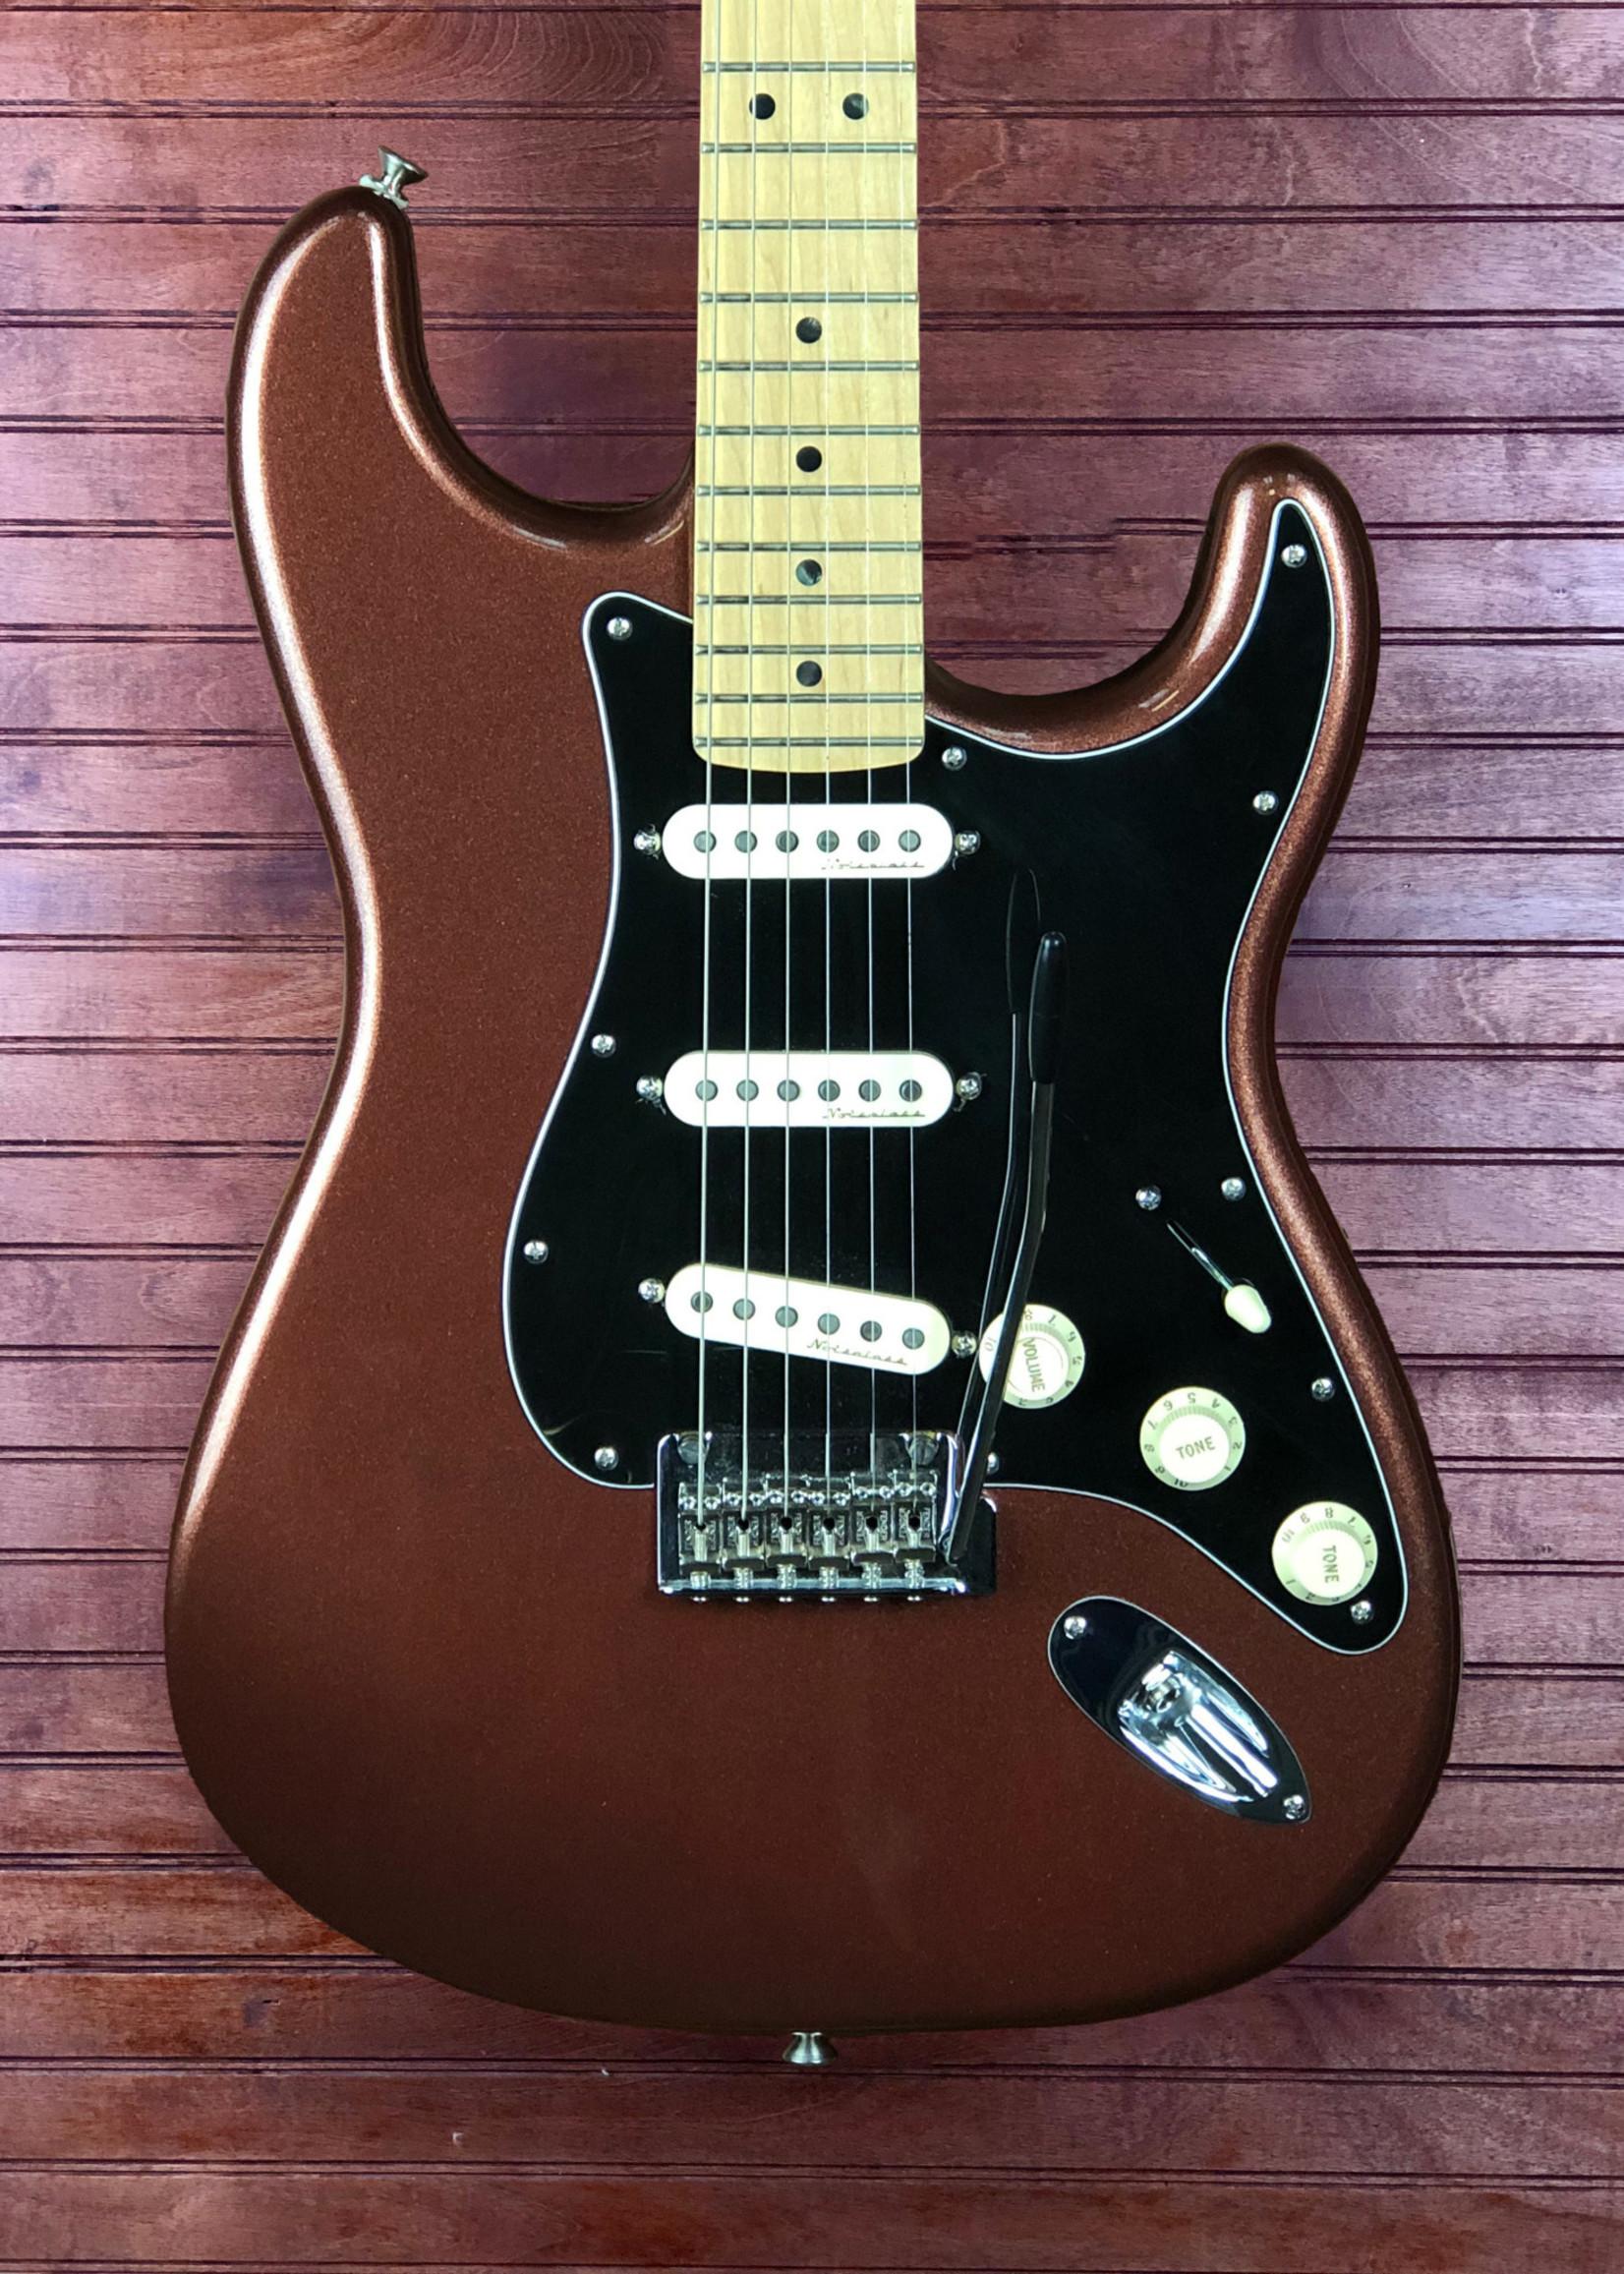 Fender Deluxe Roadhouse Stratocaster Copper Mist